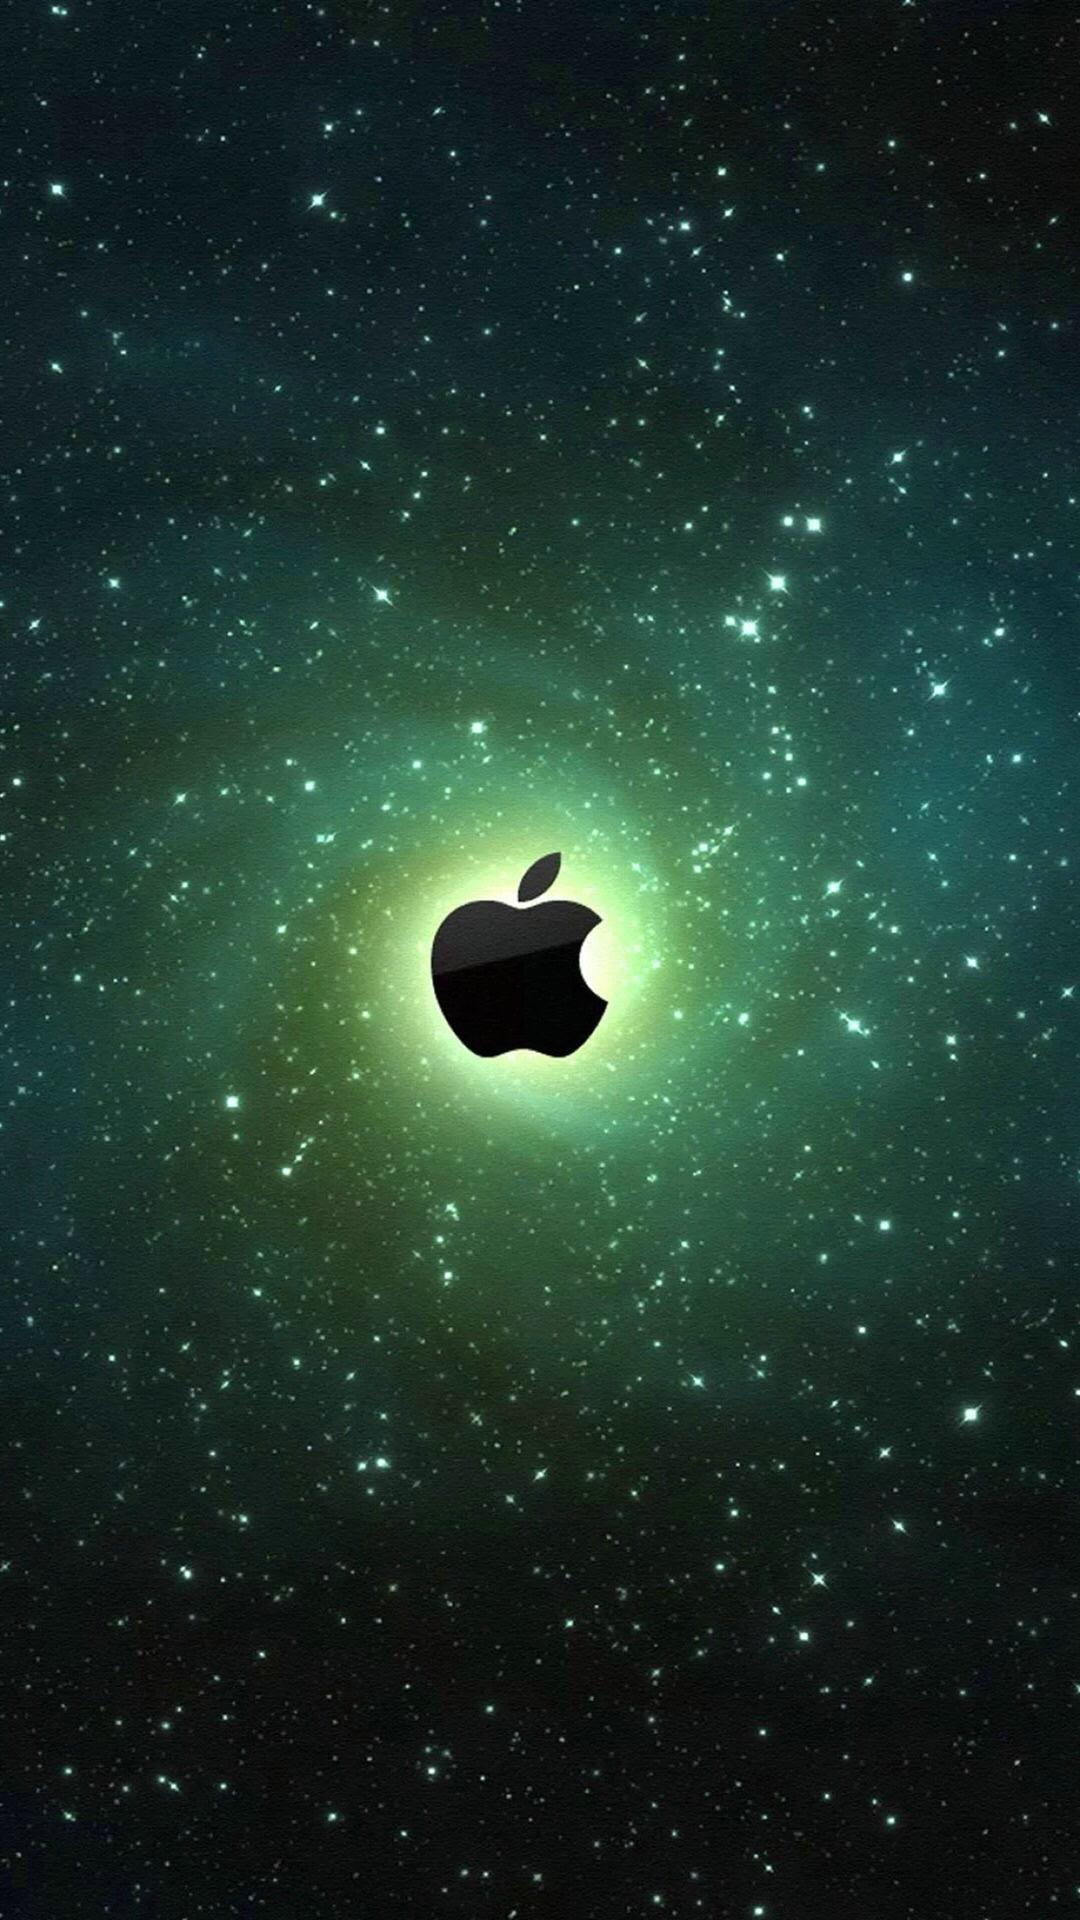 苹果logo 宇宙 绿色 苹果手机高清壁纸 1080x1920_ -